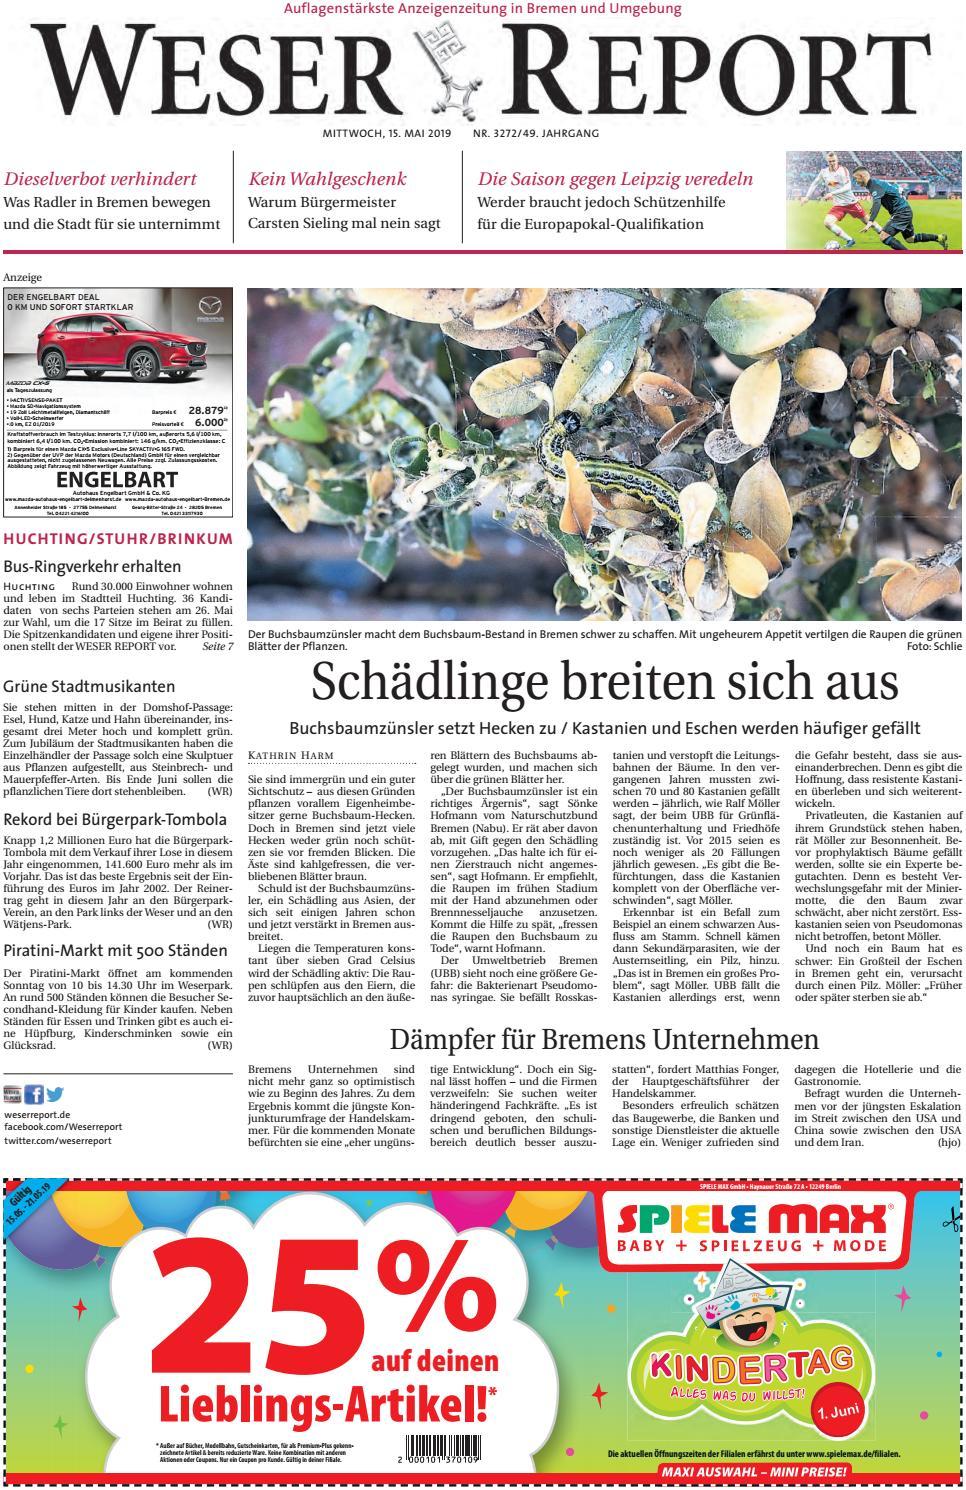 Weser Report - Huchting Stuhr Brinkum vom 15.05.2019 by KPS ...